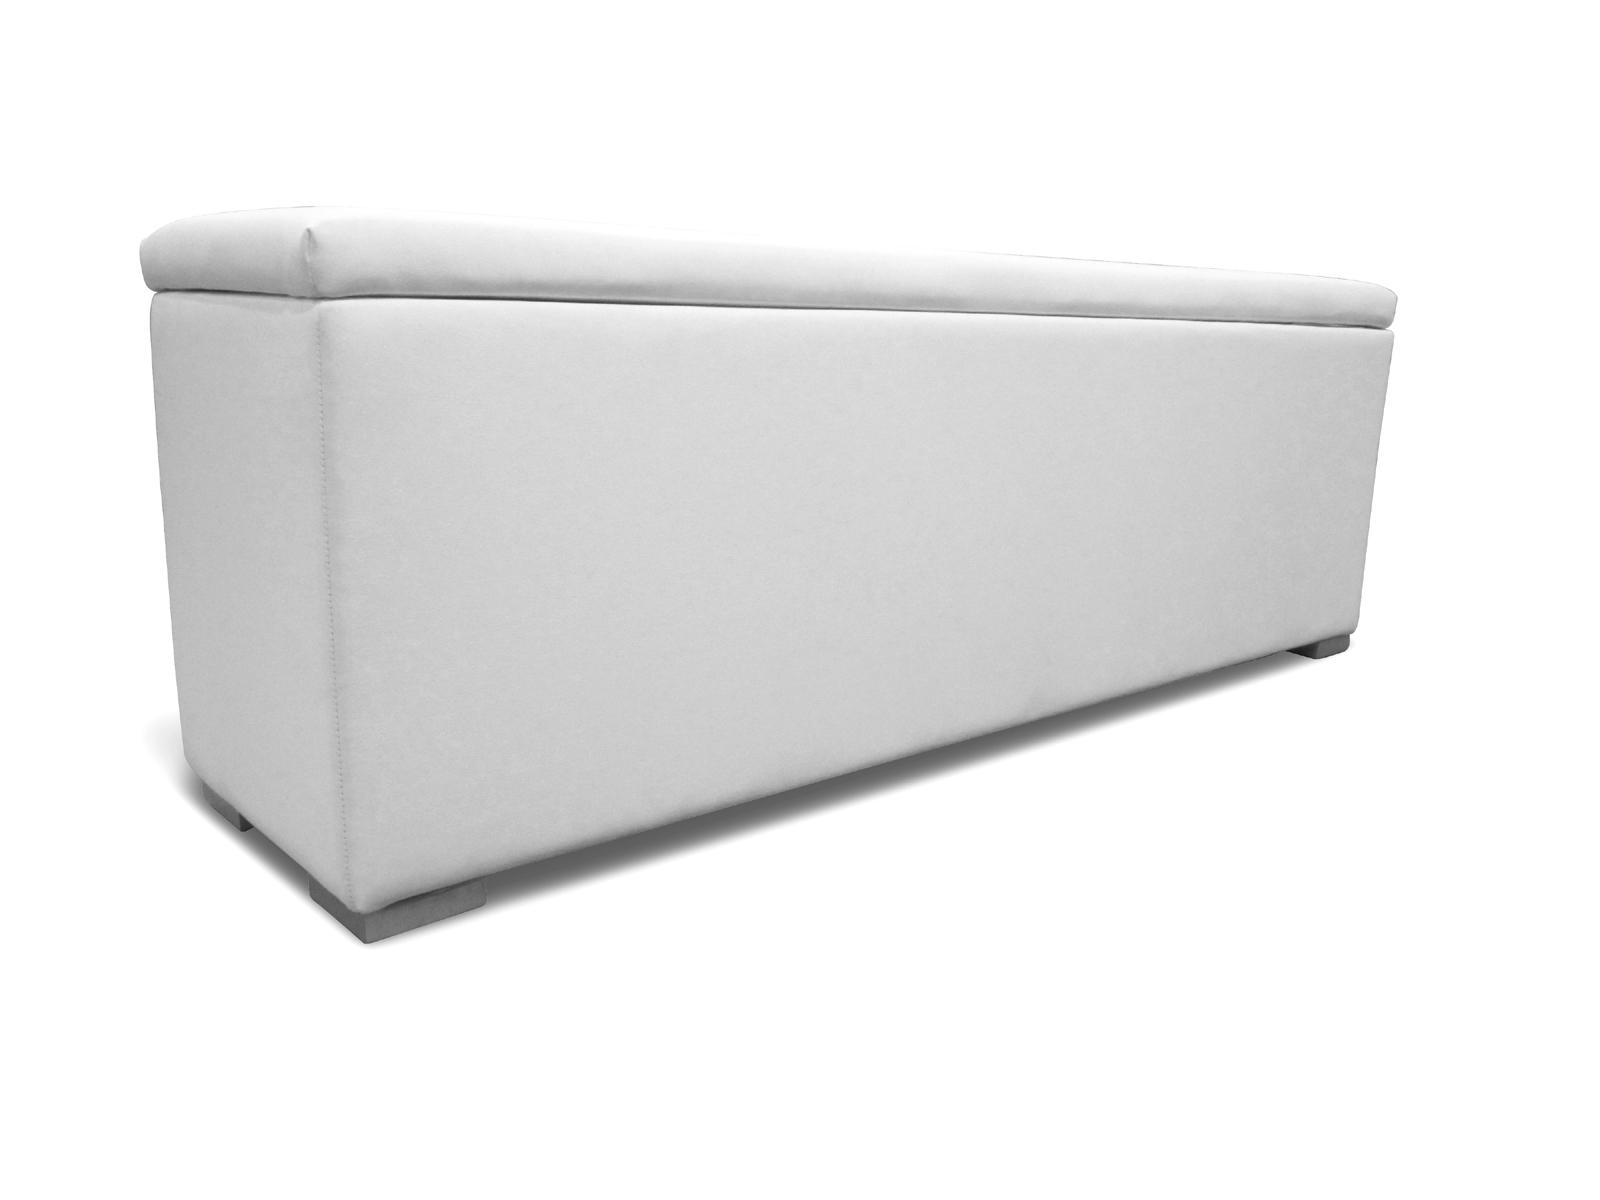 sam sitzbank bettbank aufklappbar wei 160 cm heidi auf lager. Black Bedroom Furniture Sets. Home Design Ideas